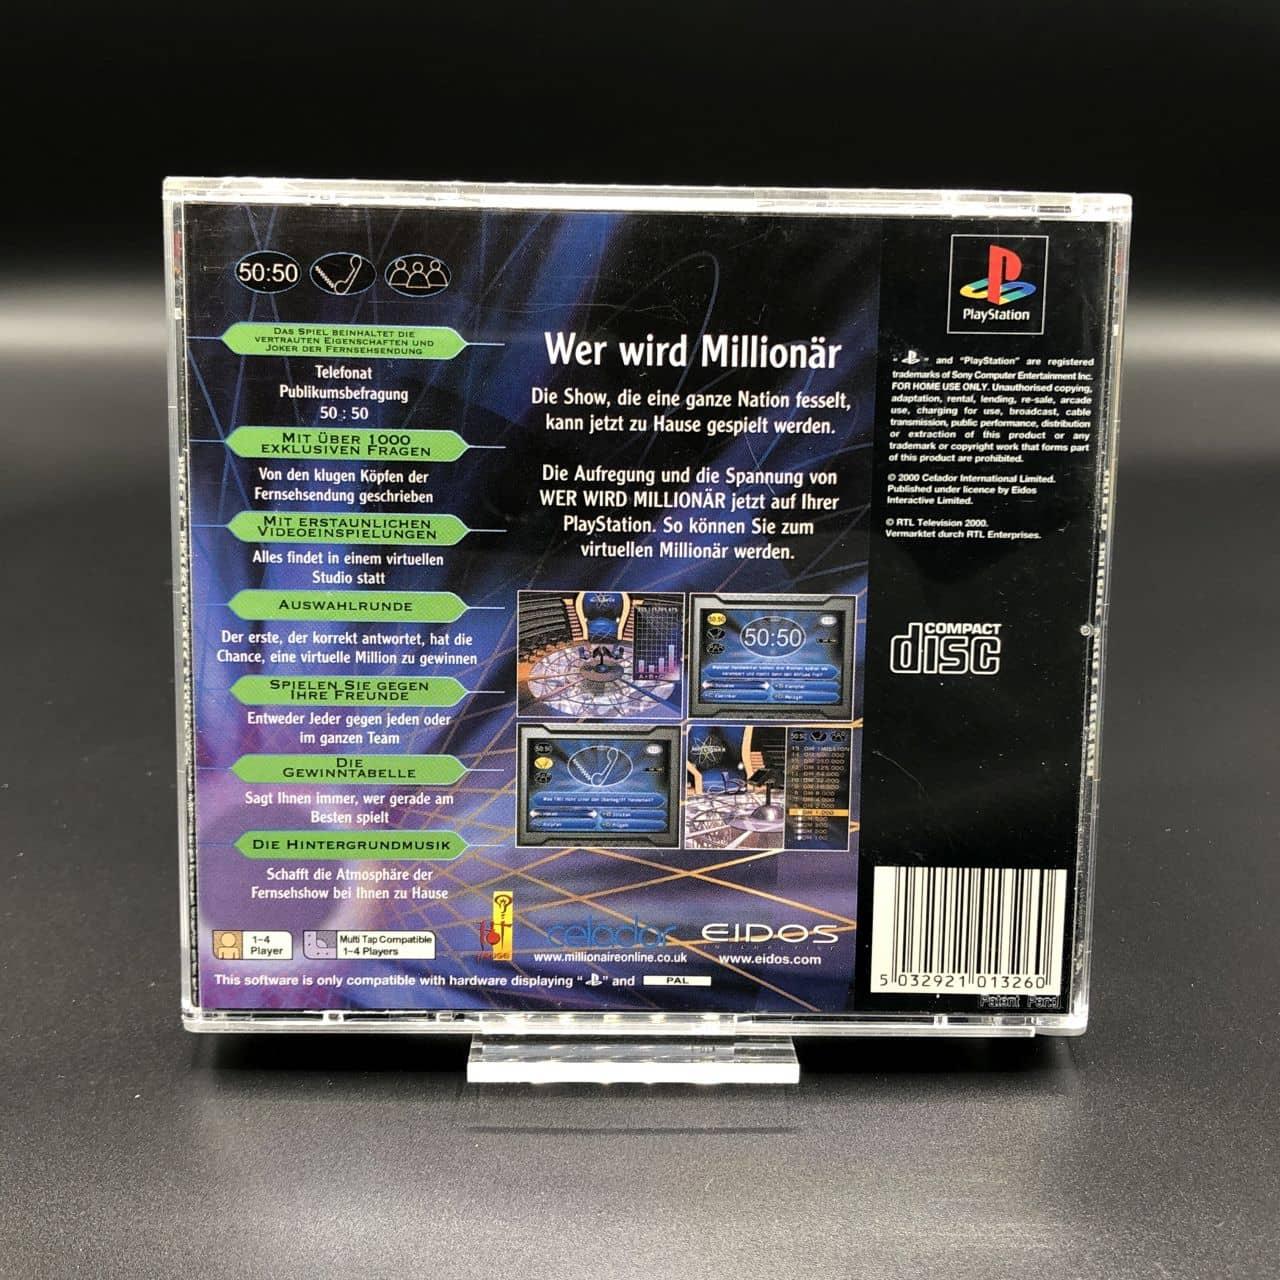 PS1 Wer wird Millionär? (Komplett) (Gut) Sony PlayStation 1